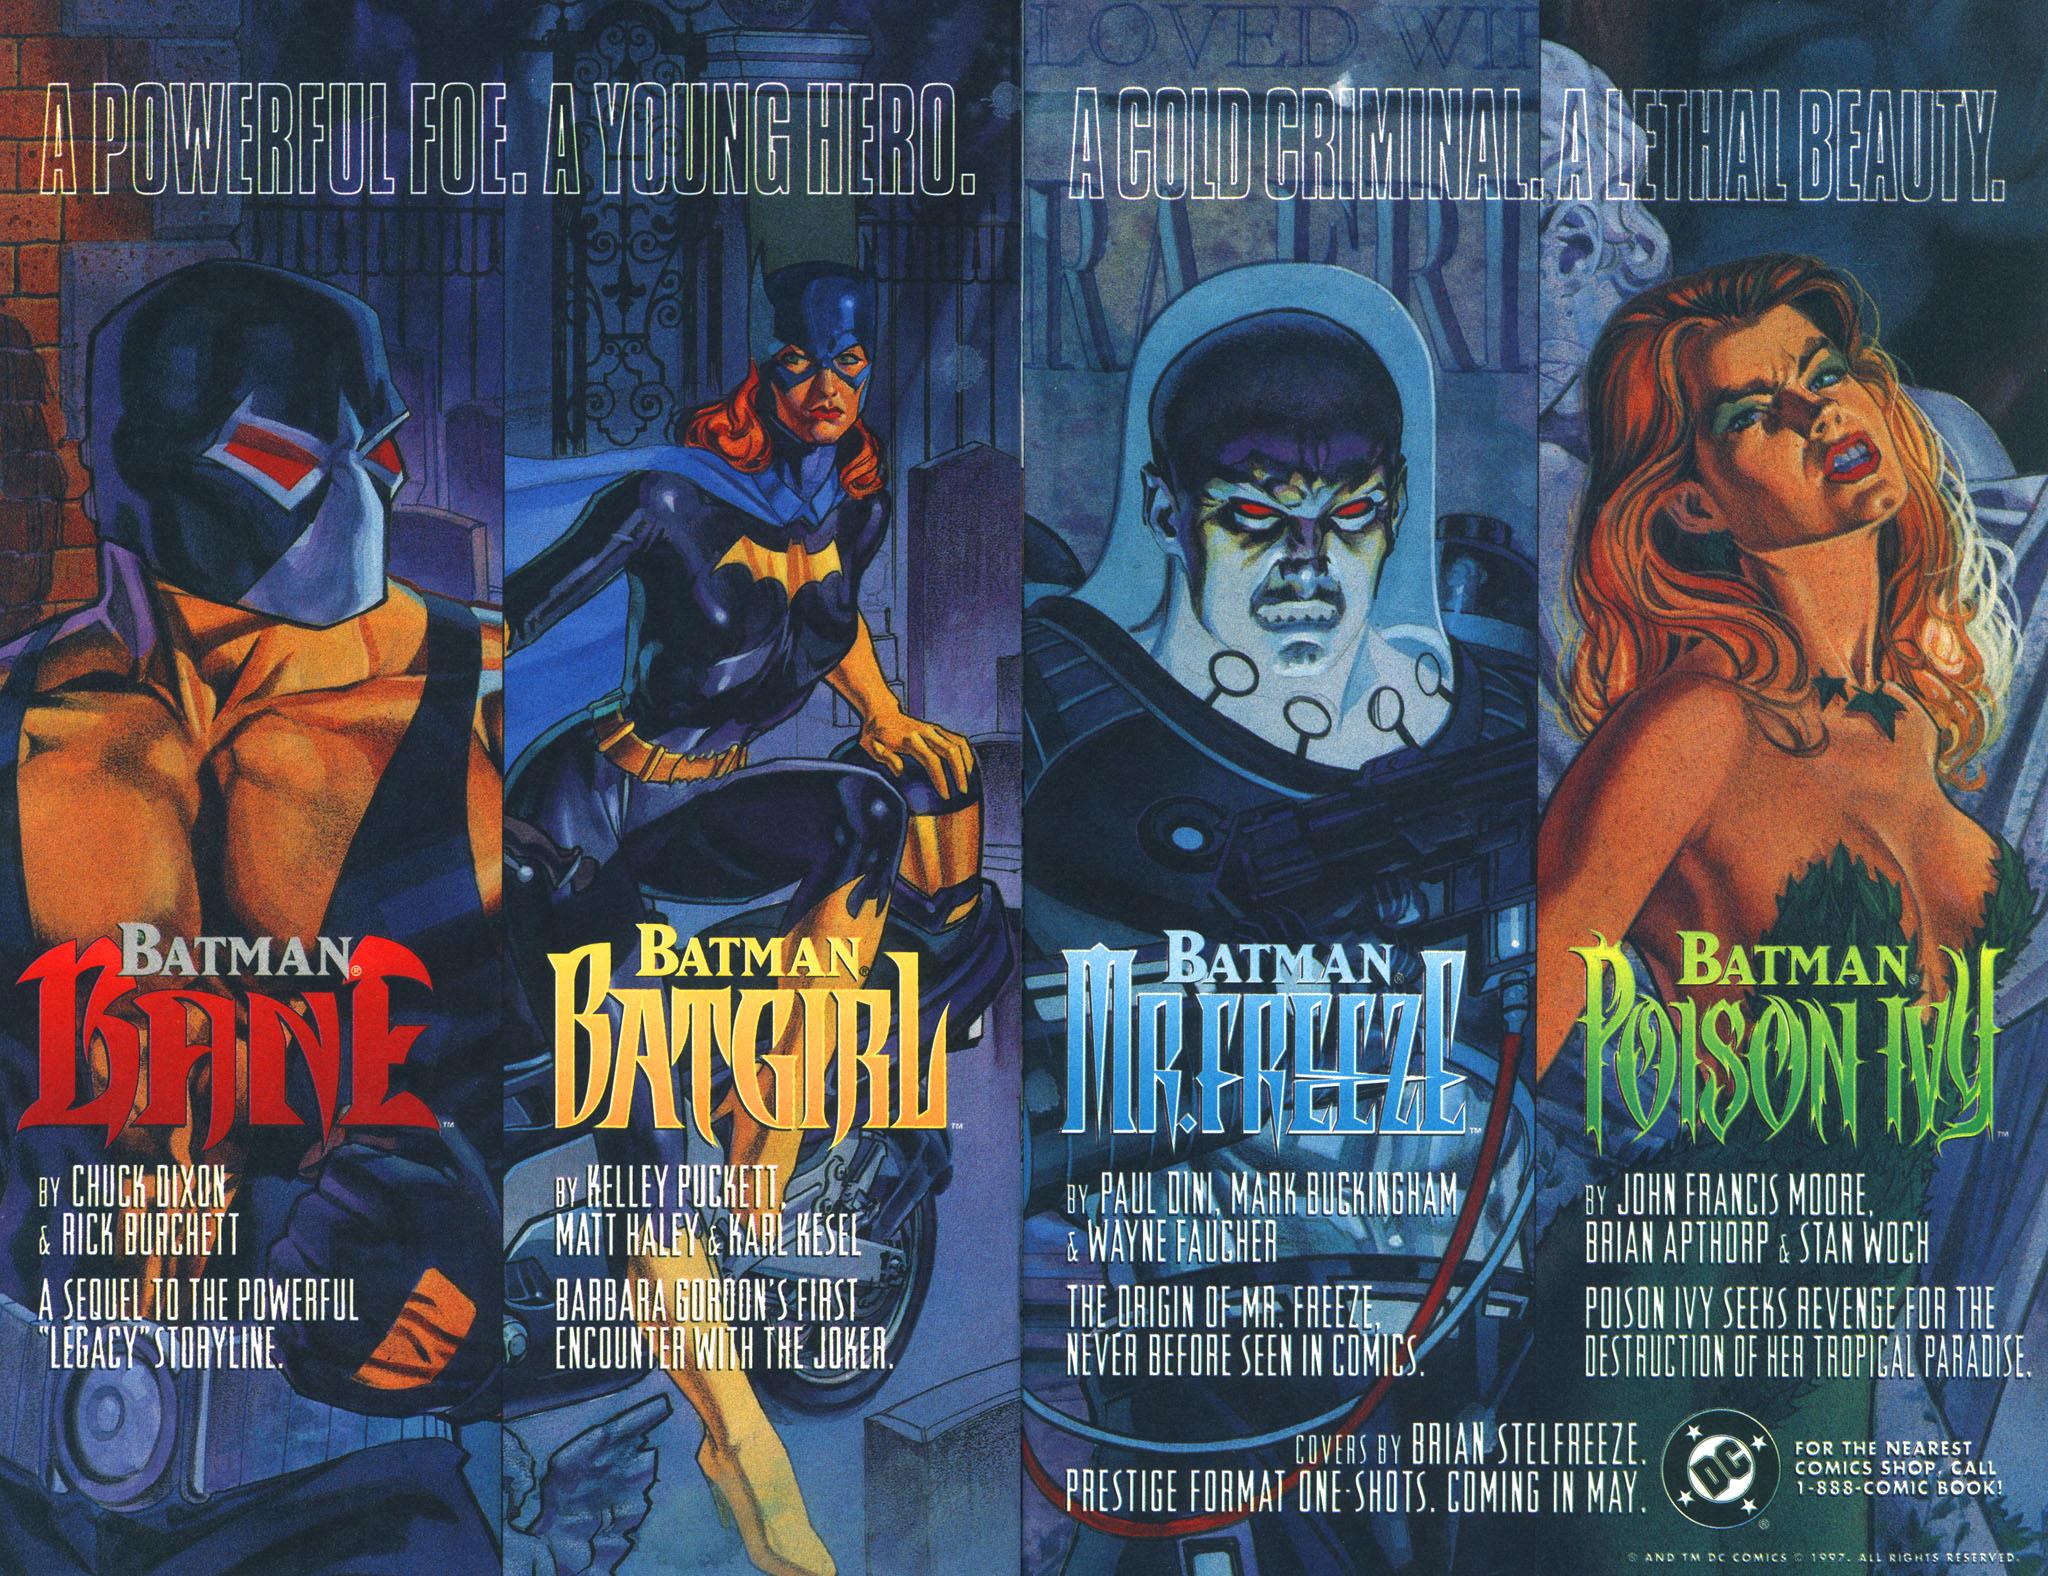 Read online Batman/Wildcat comic -  Issue #3 - 25